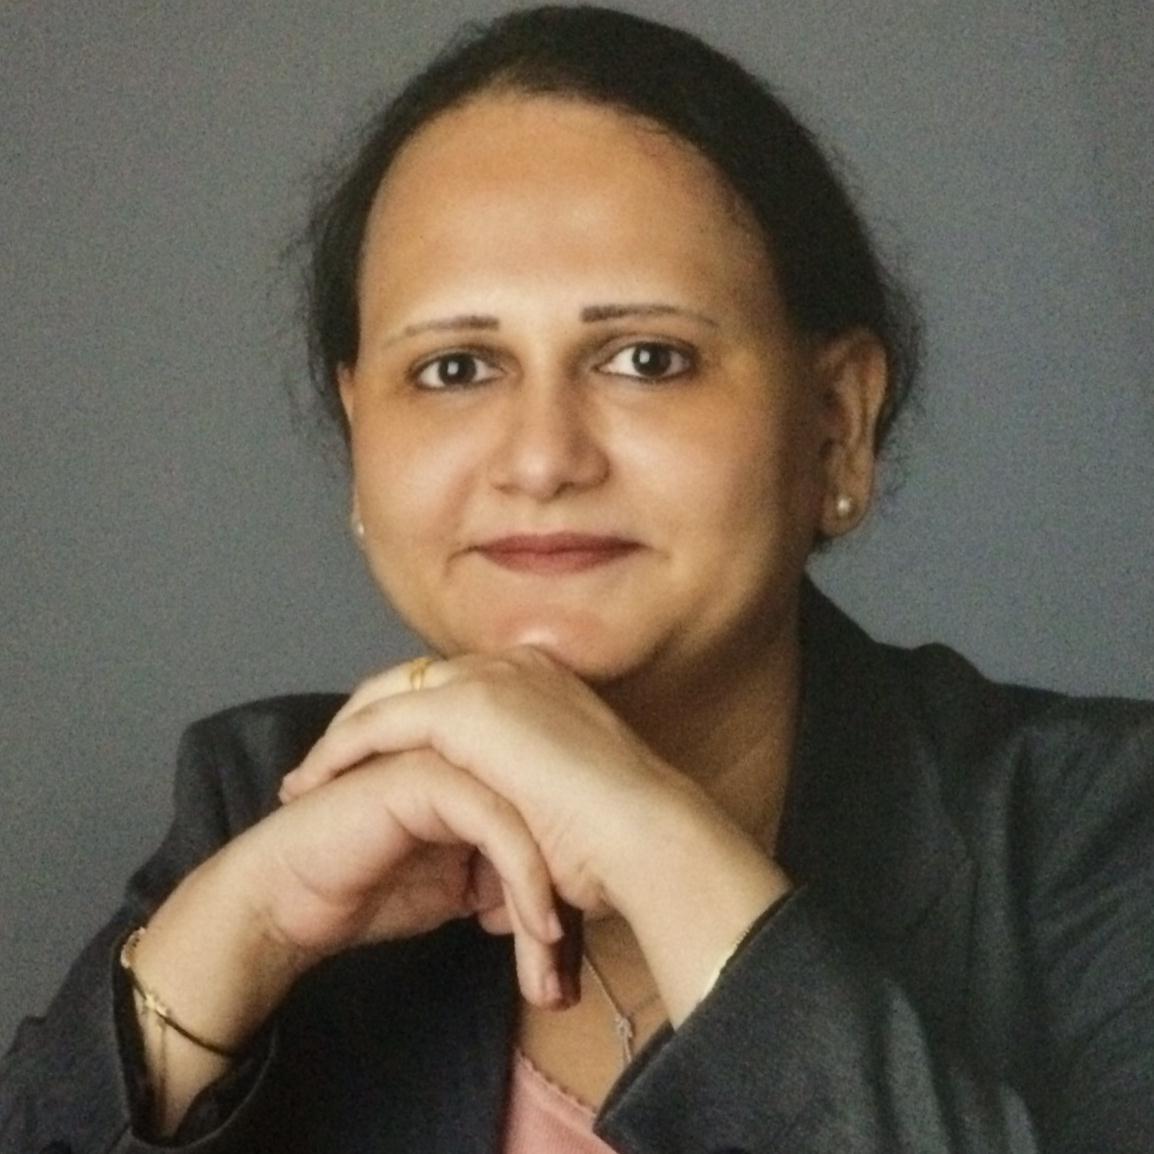 dr Shivani Sharma Shivani Sharma Shivz13 |